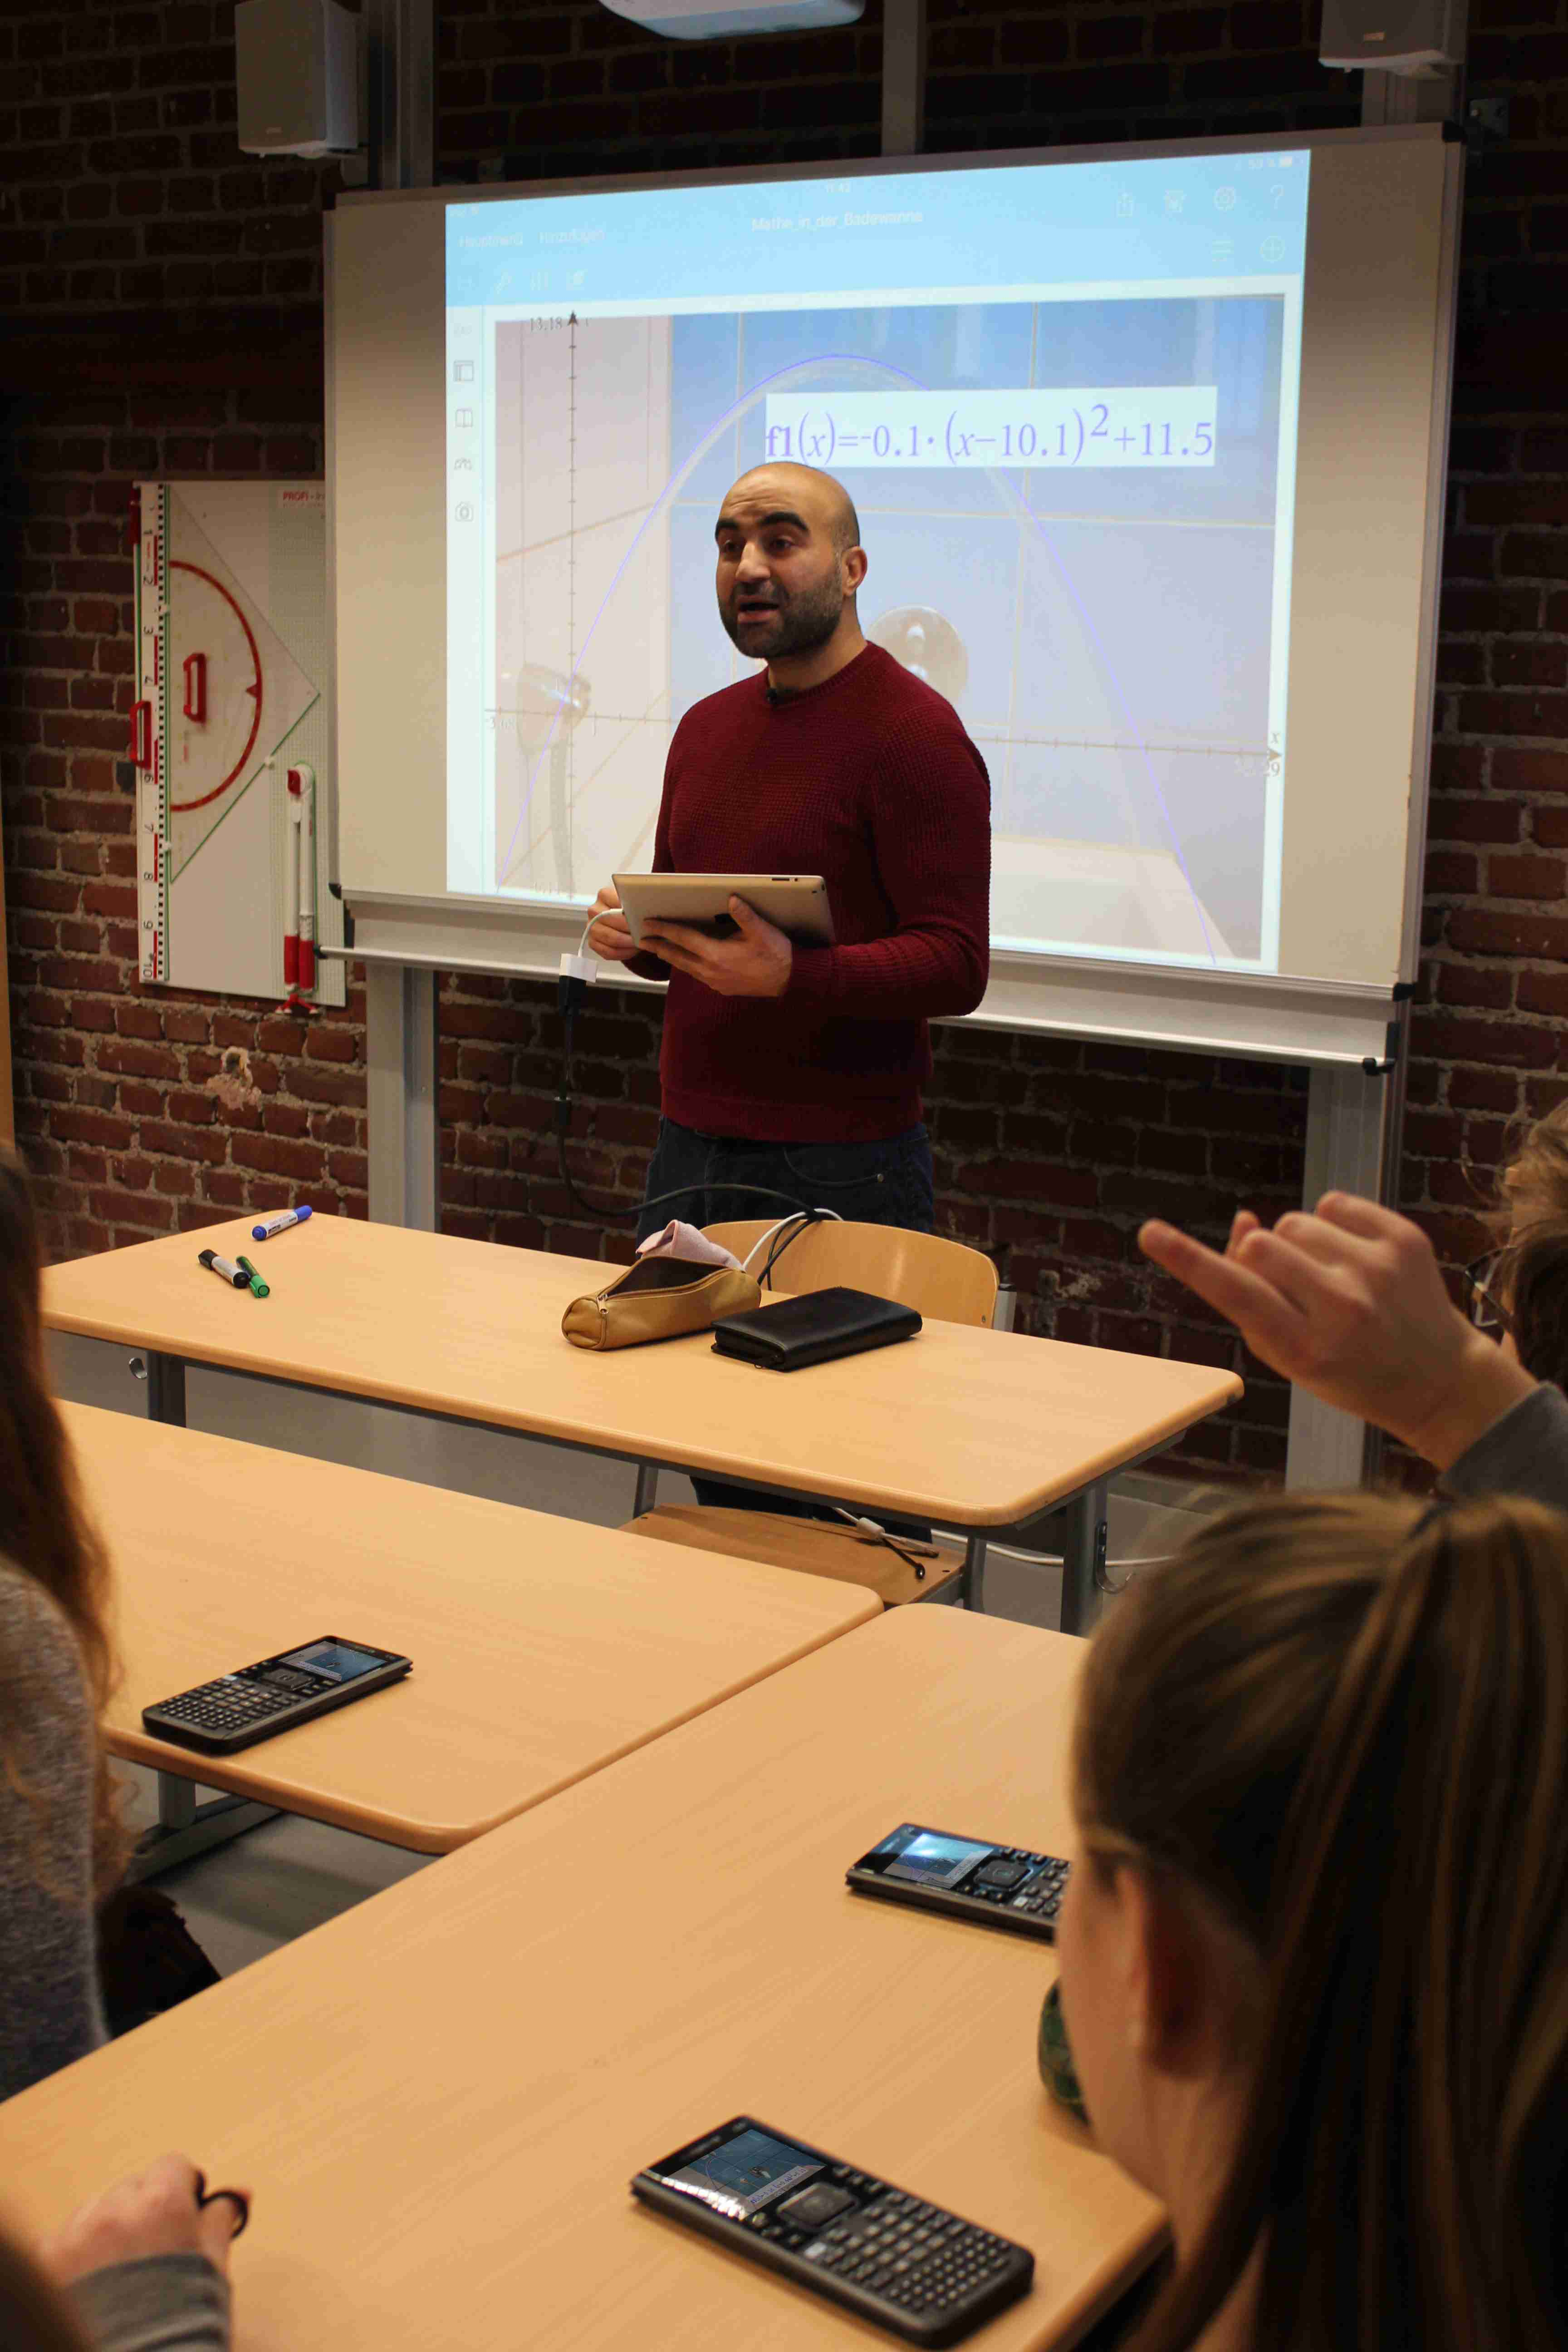 TI-Nspire™ macht Schule! … mit App, Graphikrechner und Software.